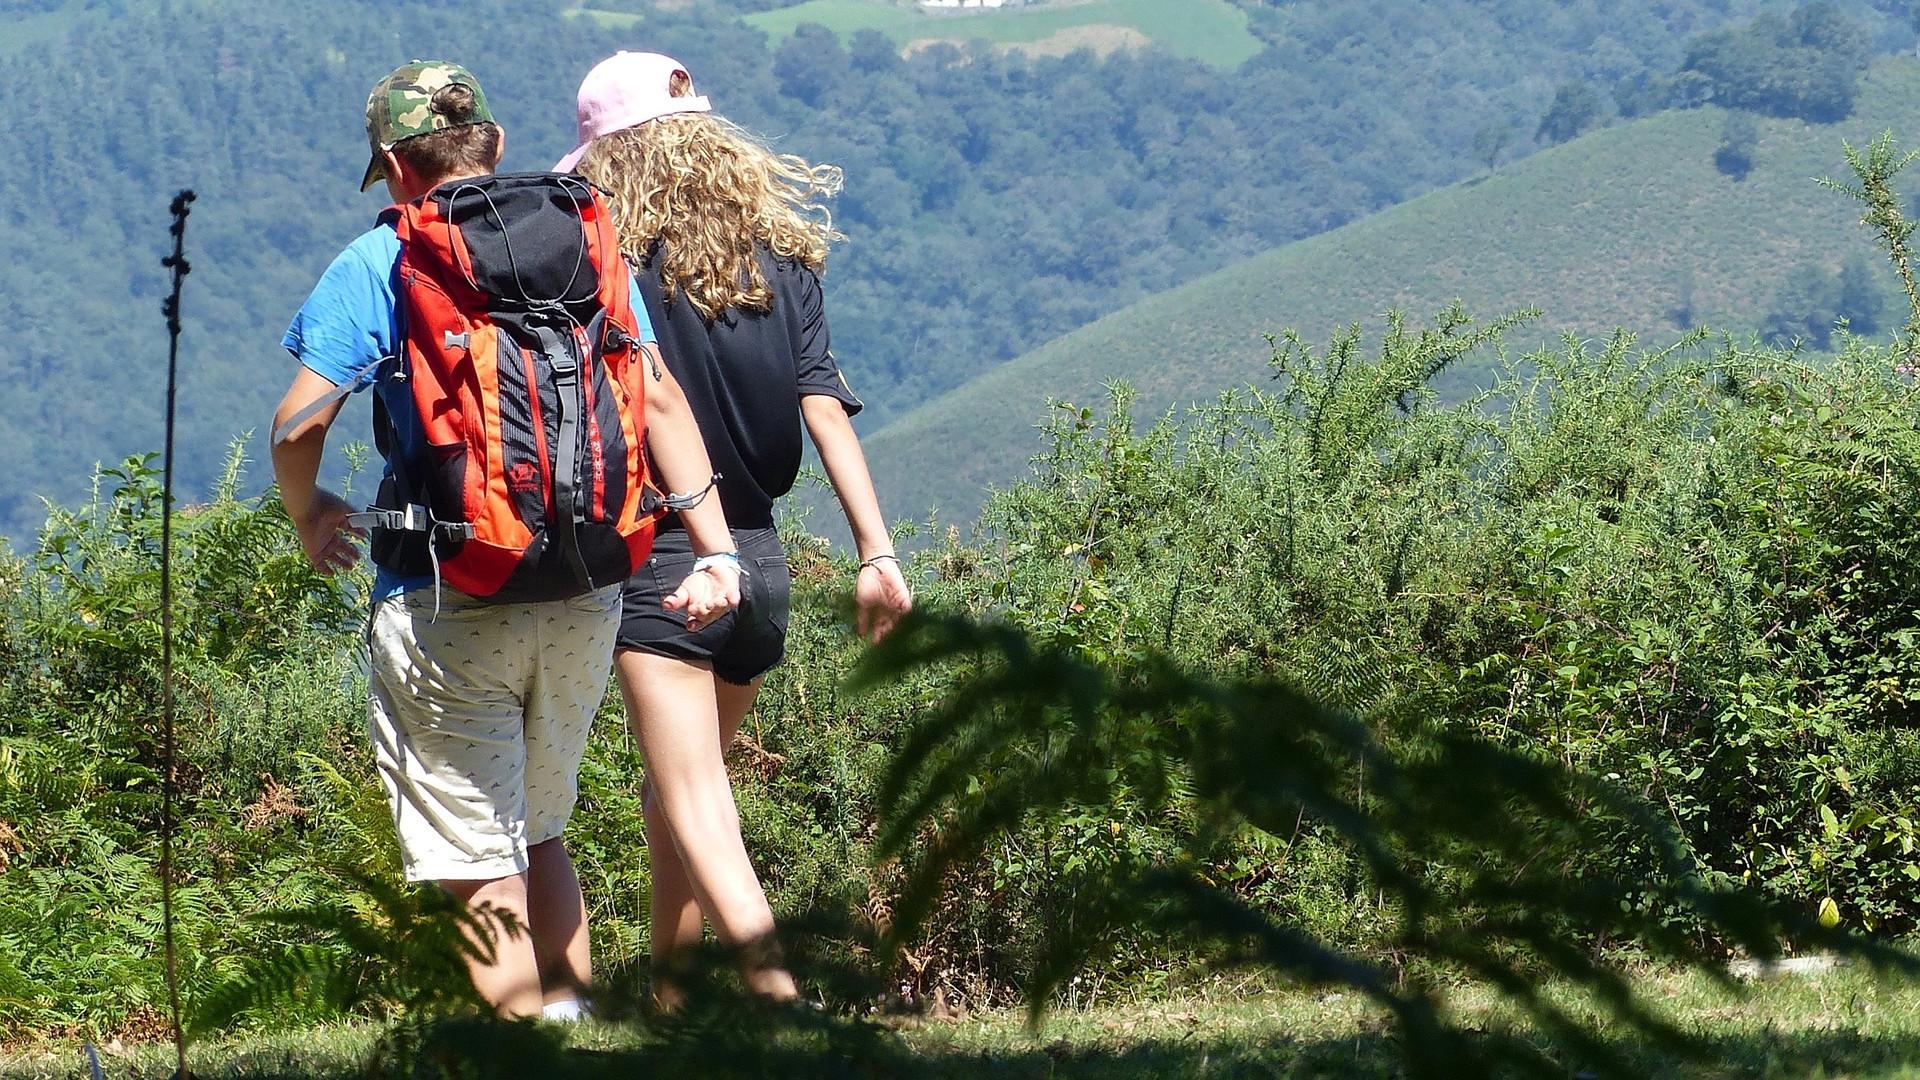 Frankrijk wandelen hiken natuur